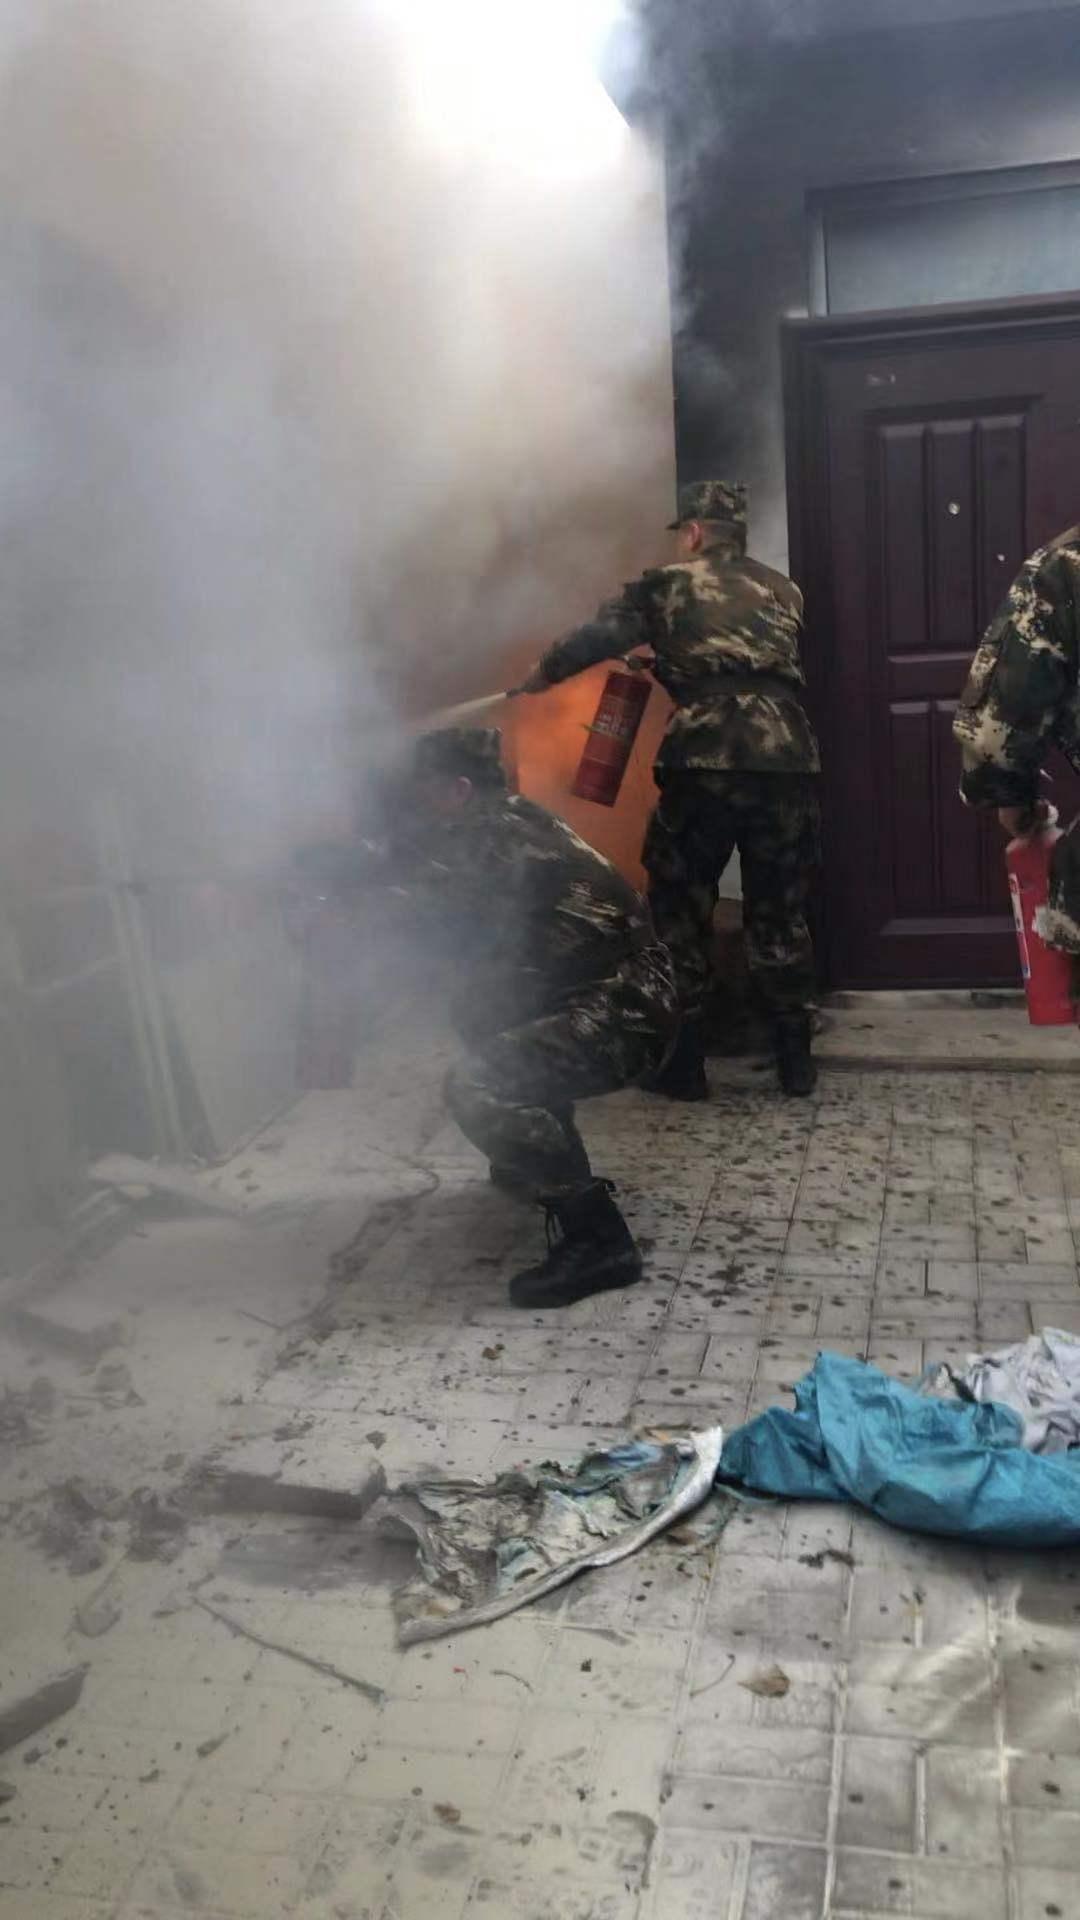 北京市朝阳区一居民楼旁车棚起火,武警官兵前往救援。受访者供图